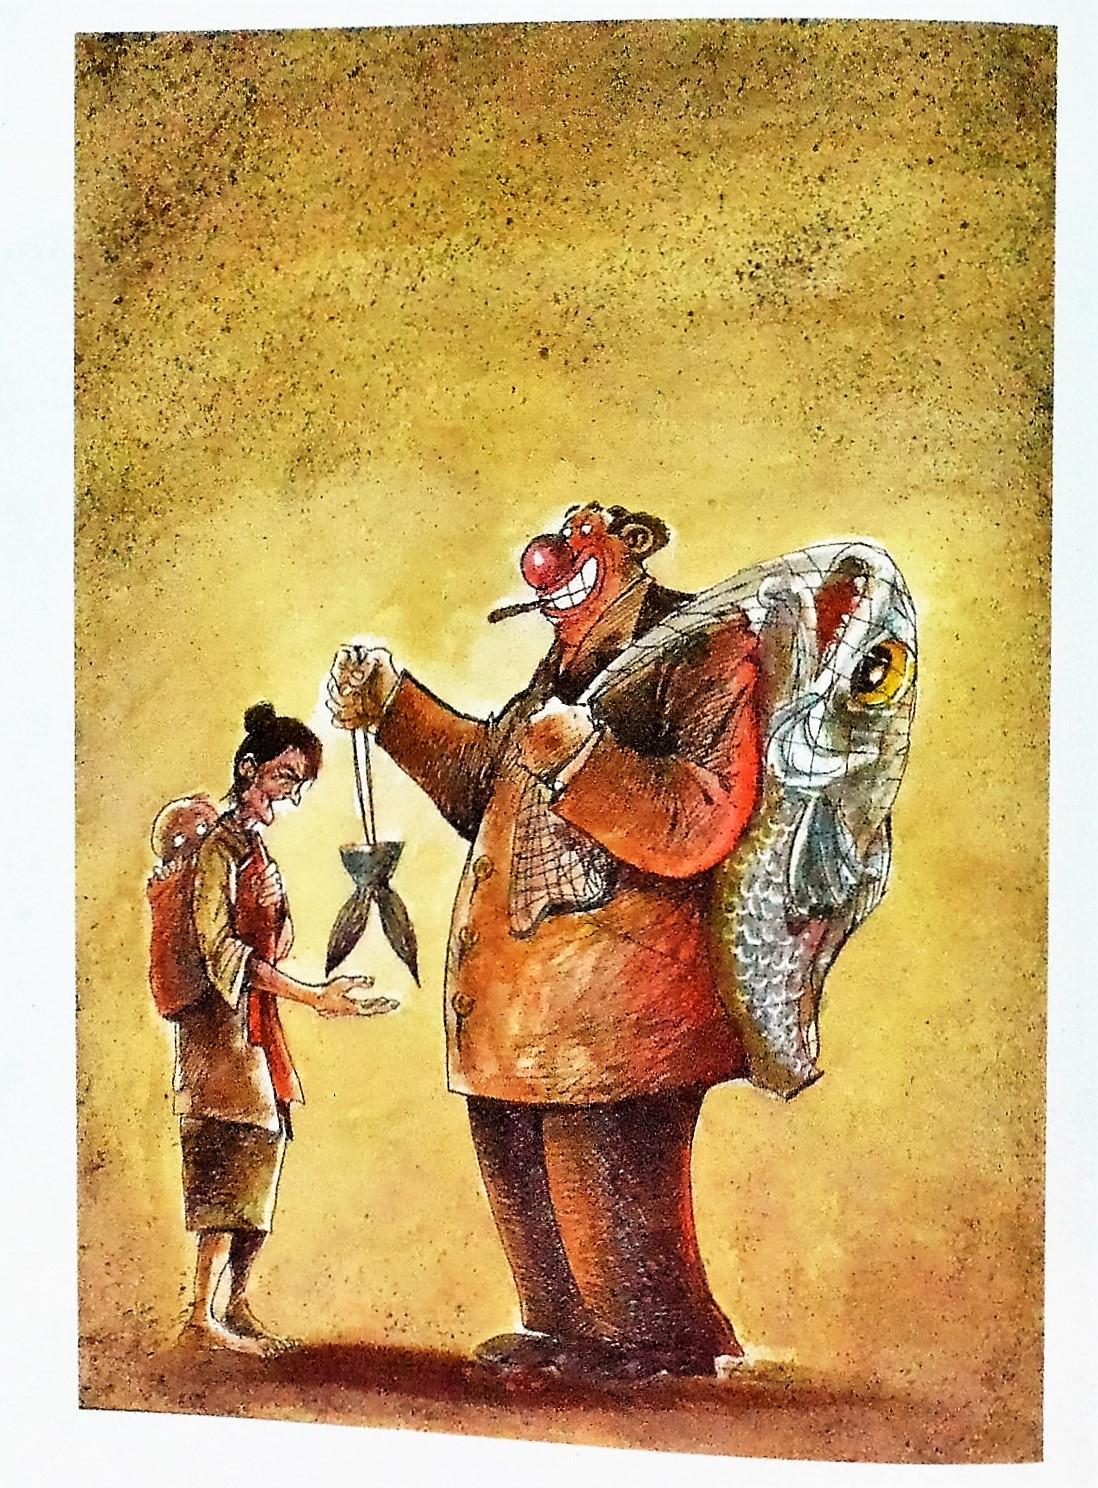 Indonesian Damn Good Cartoon Kumpulan Kartun Juara Kartun Karya